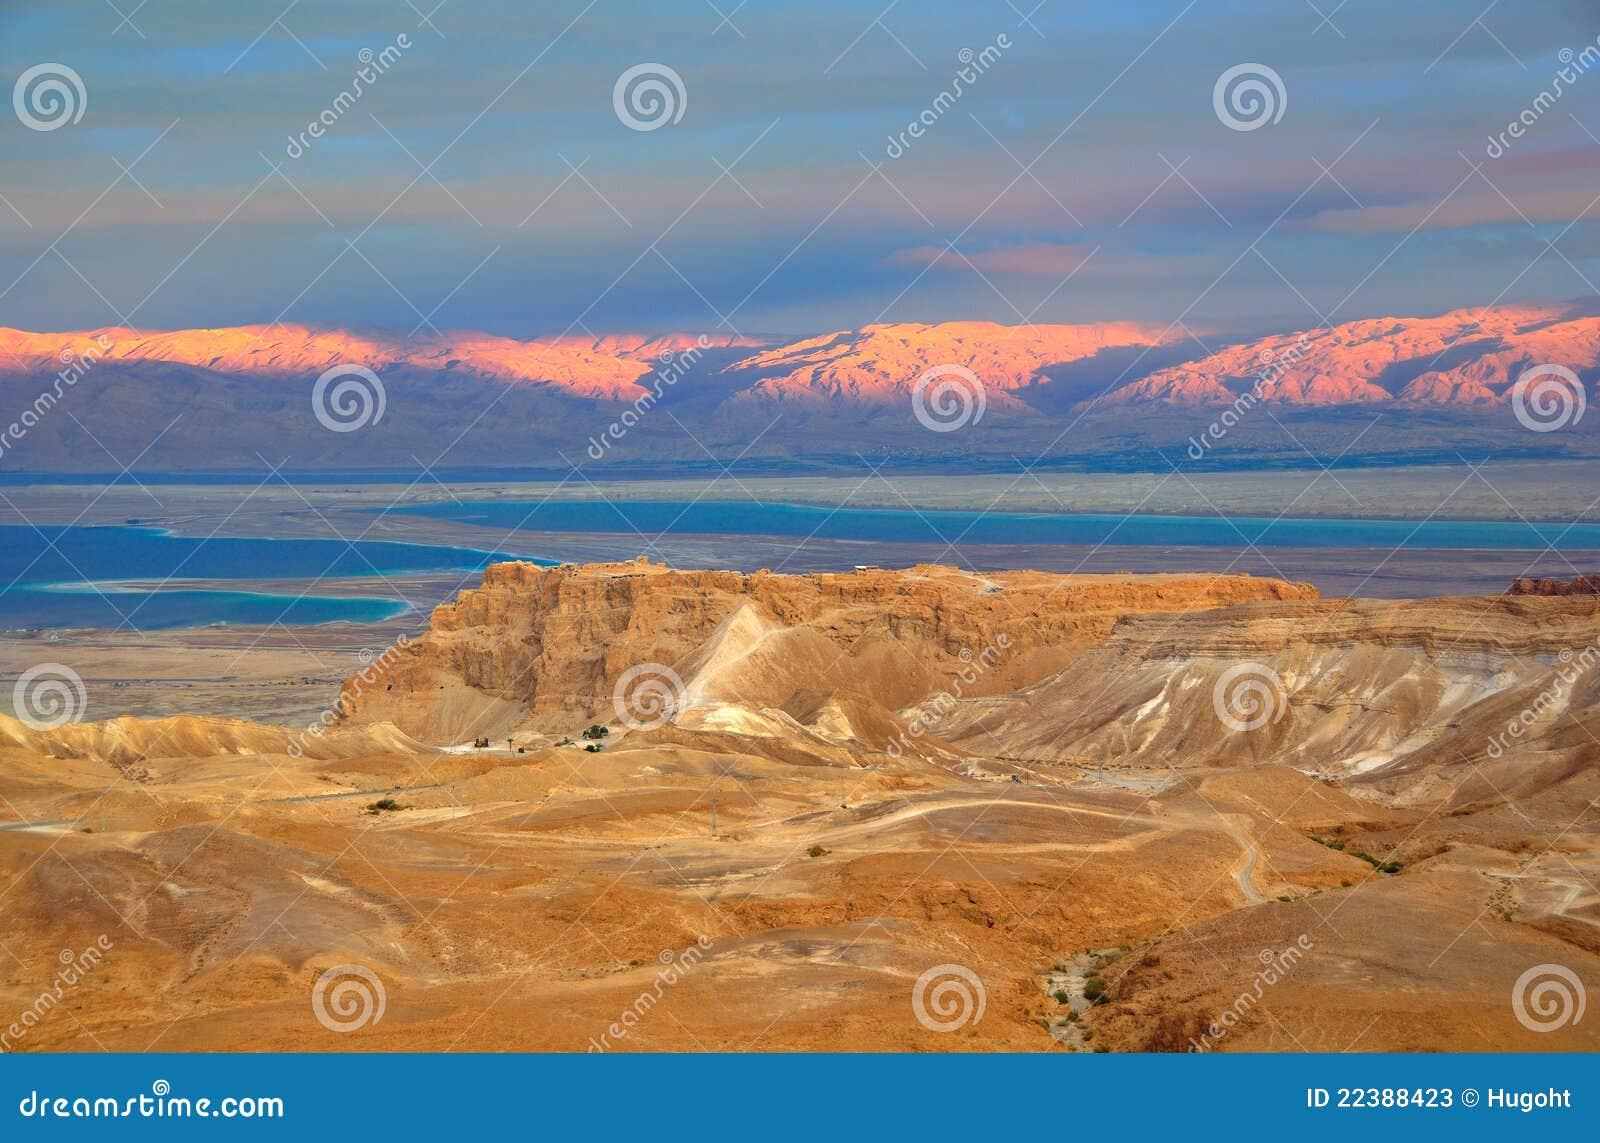 Masada and the Dead Sea, Israel